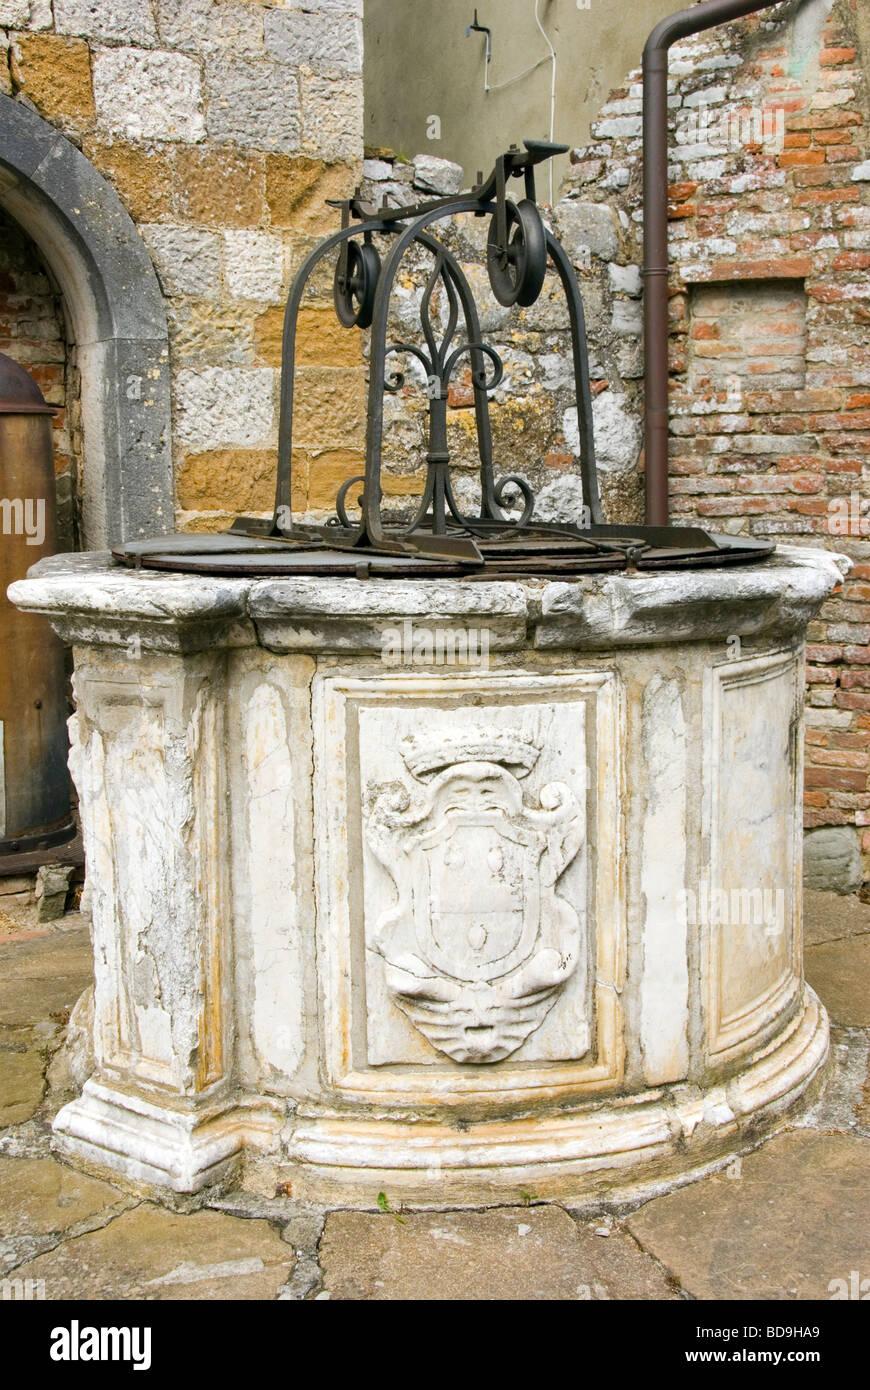 Stone well in Montefolonico - Stock Image